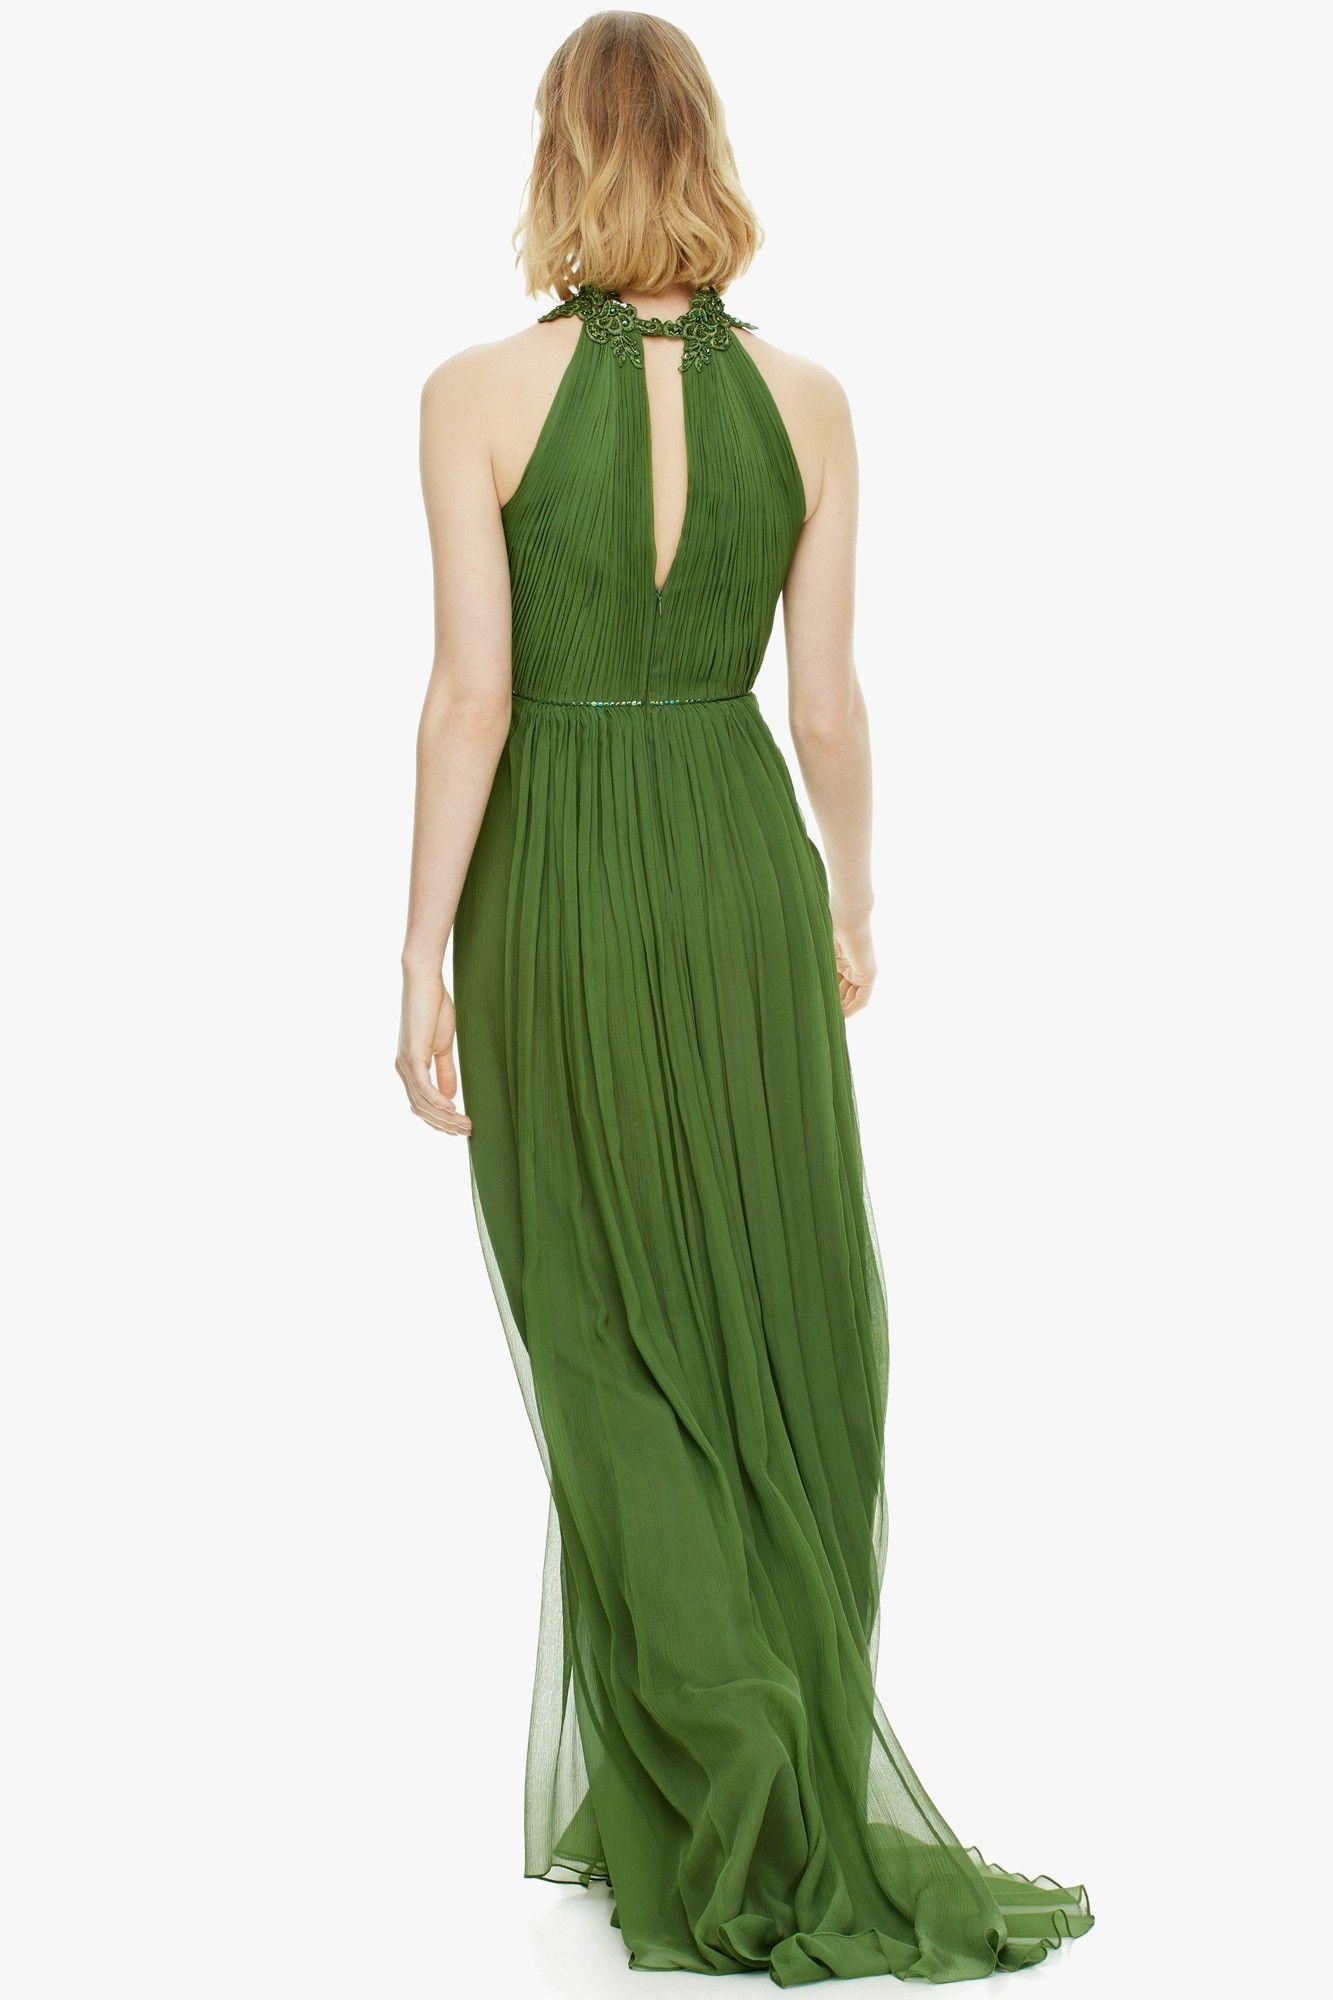 Vestido de seda y escote halter bordado vestidos for Vestidos adolfo dominguez u